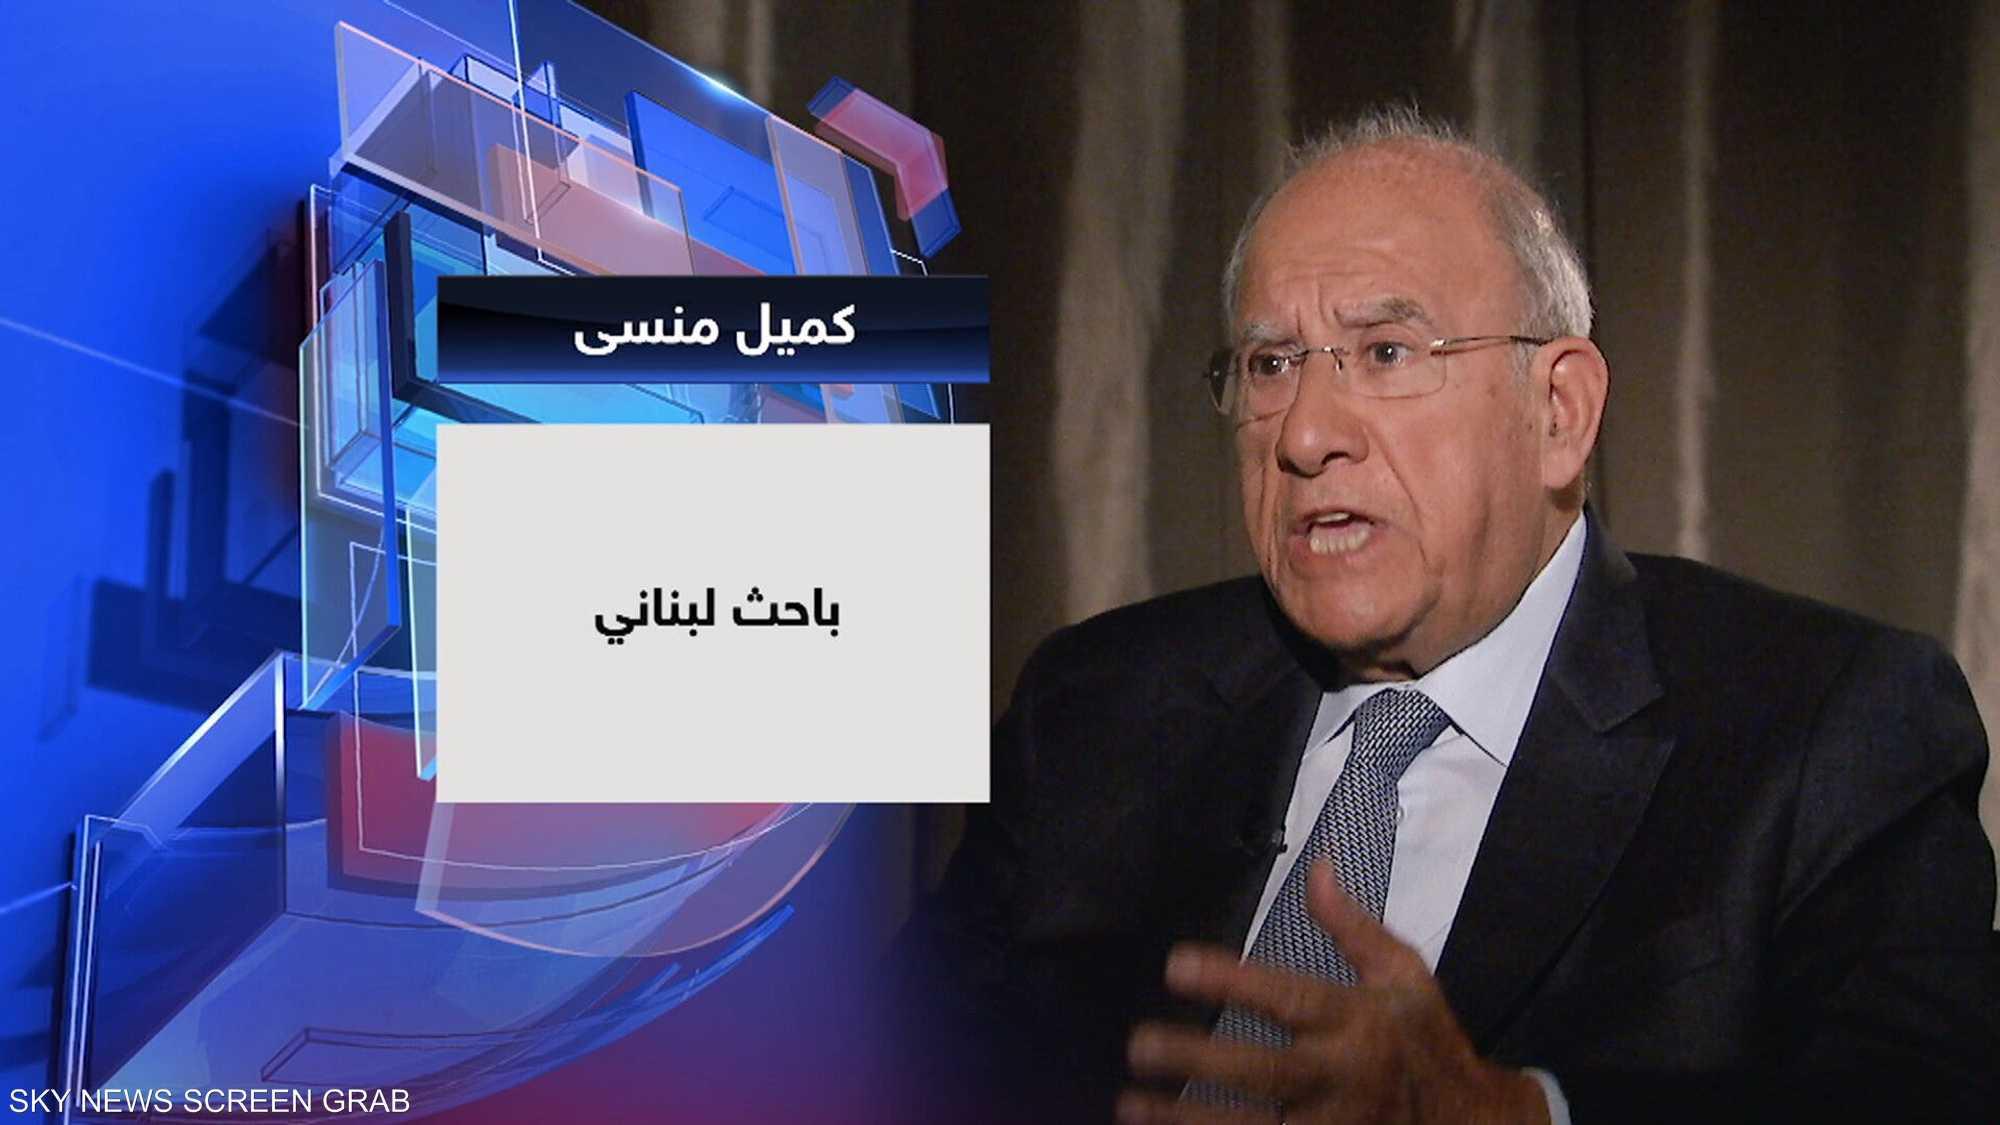 الباحث اللبناني كميل منسى ضيف حديث العرب